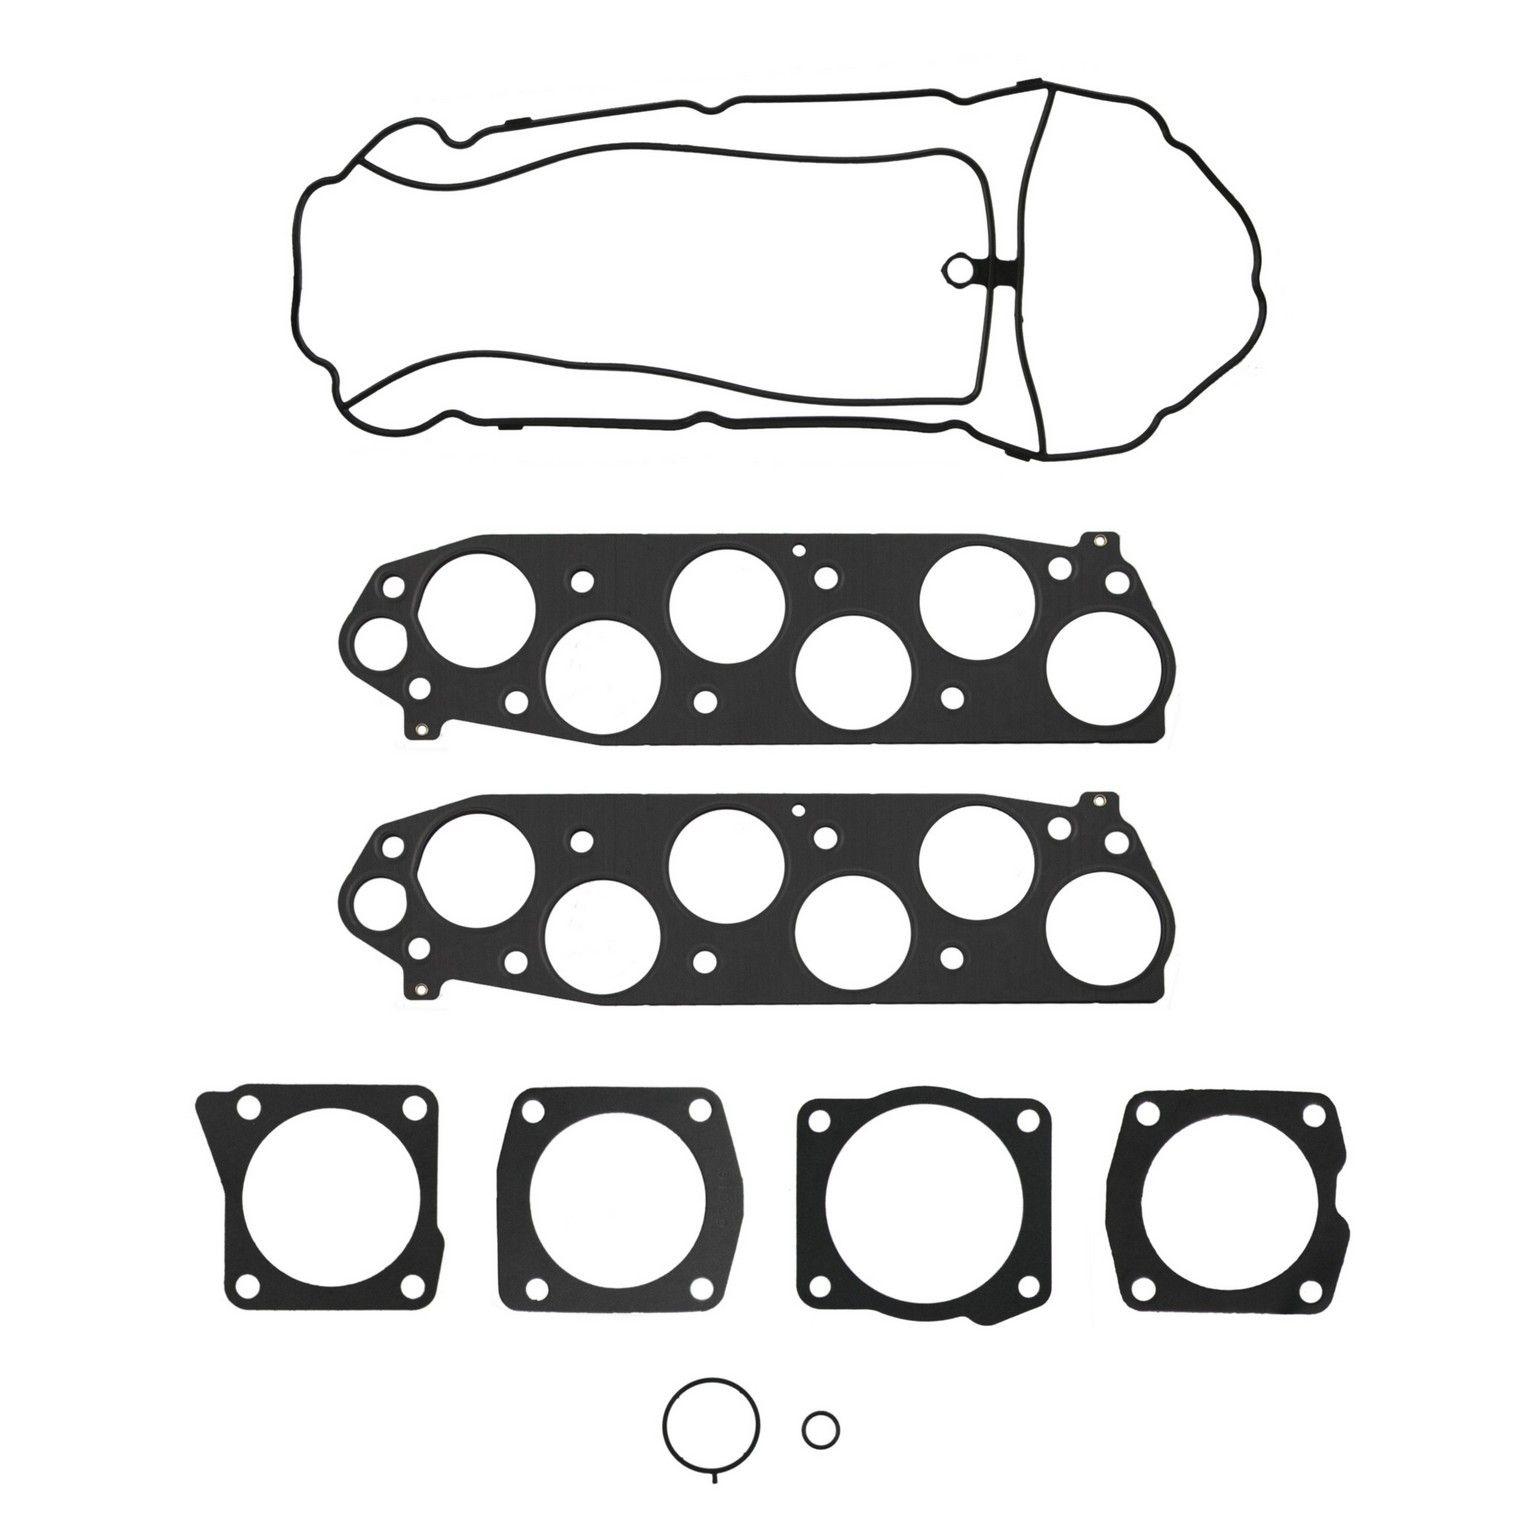 2007 Acura TL Fuel Injection Plenum Gasket Set 6 Cyl 3.5L (FelPro MS  96409-3) Improved design Plenum Gasket Set Upper set .